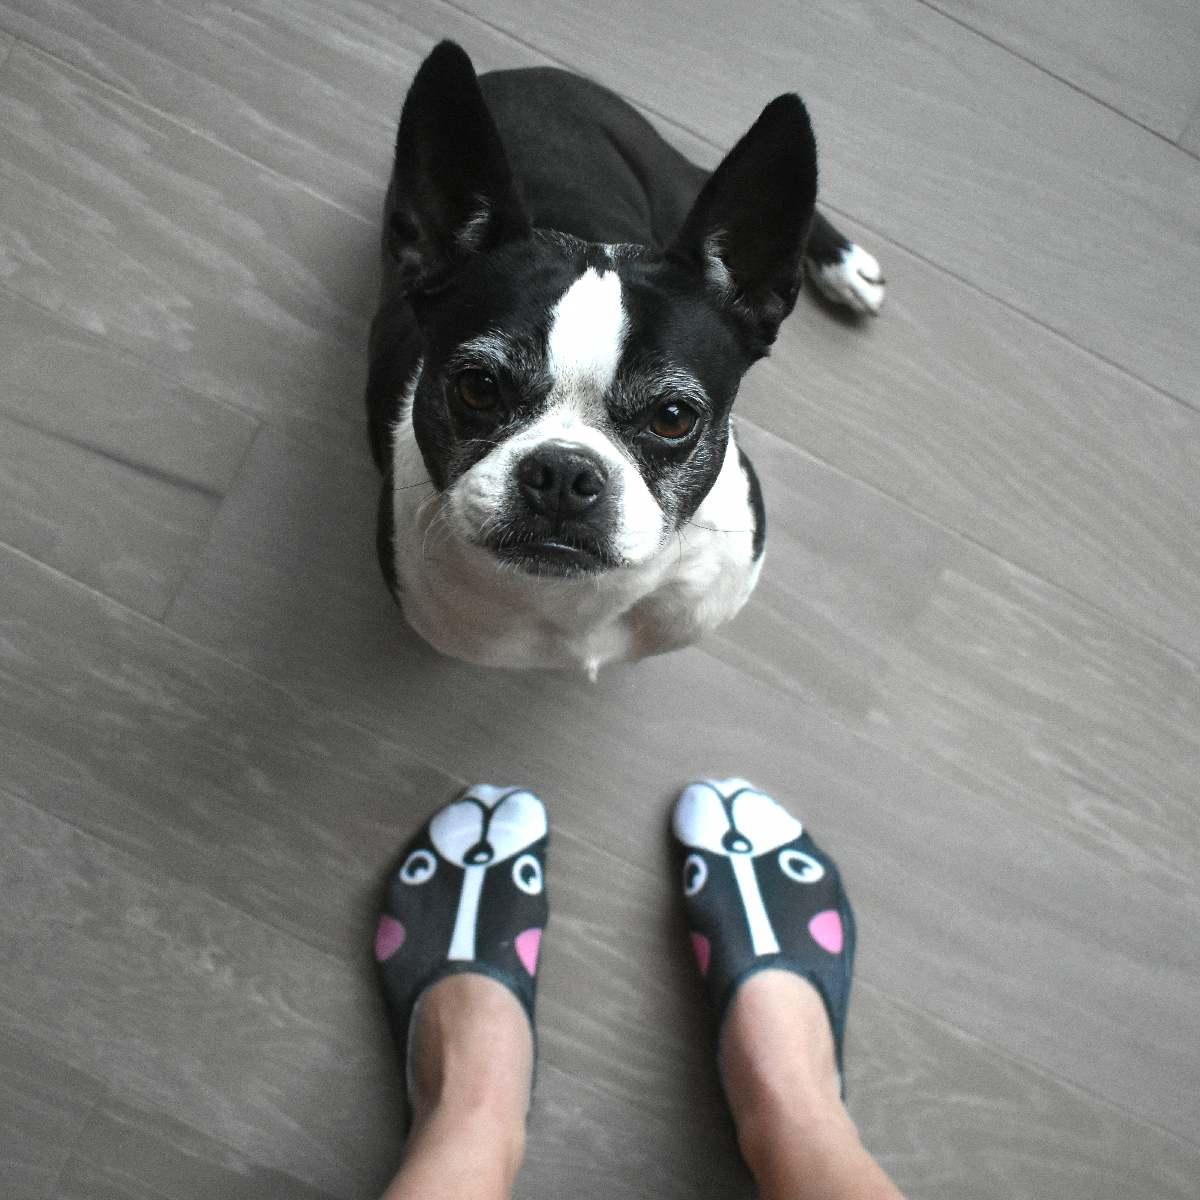 Made in USA Boston Terrier Socks only $8.50 at  www.LivingRoyal.com